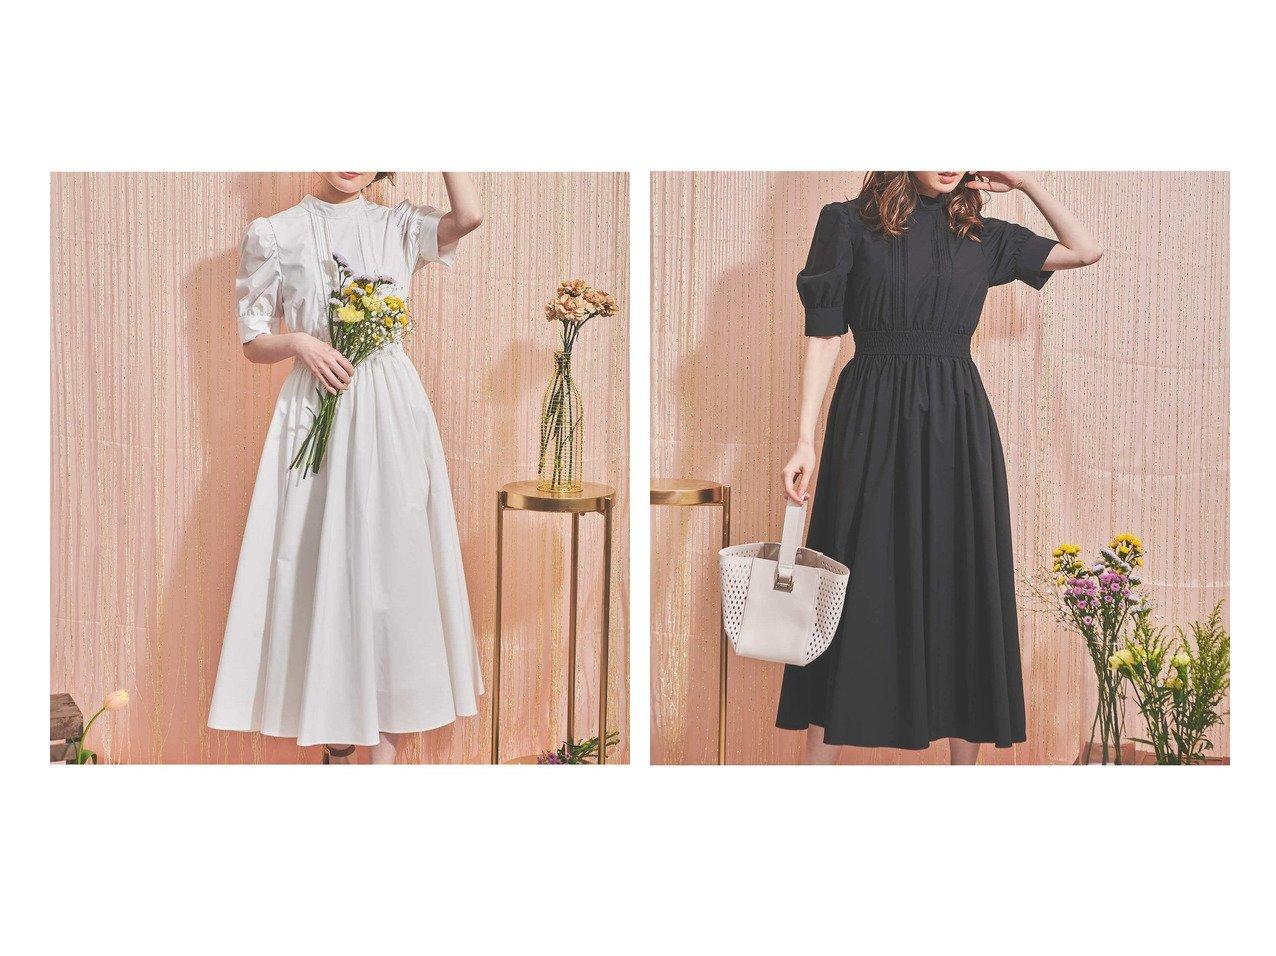 【Noela/ノエラ】のタイプライターワンピース 【ワンピース・ドレス】おすすめ!人気、トレンド・レディースファッションの通販 おすすめで人気の流行・トレンド、ファッションの通販商品 インテリア・家具・メンズファッション・キッズファッション・レディースファッション・服の通販 founy(ファニー) https://founy.com/ ファッション Fashion レディースファッション WOMEN ワンピース Dress タイプライター フィット フレア |ID:crp329100000040881